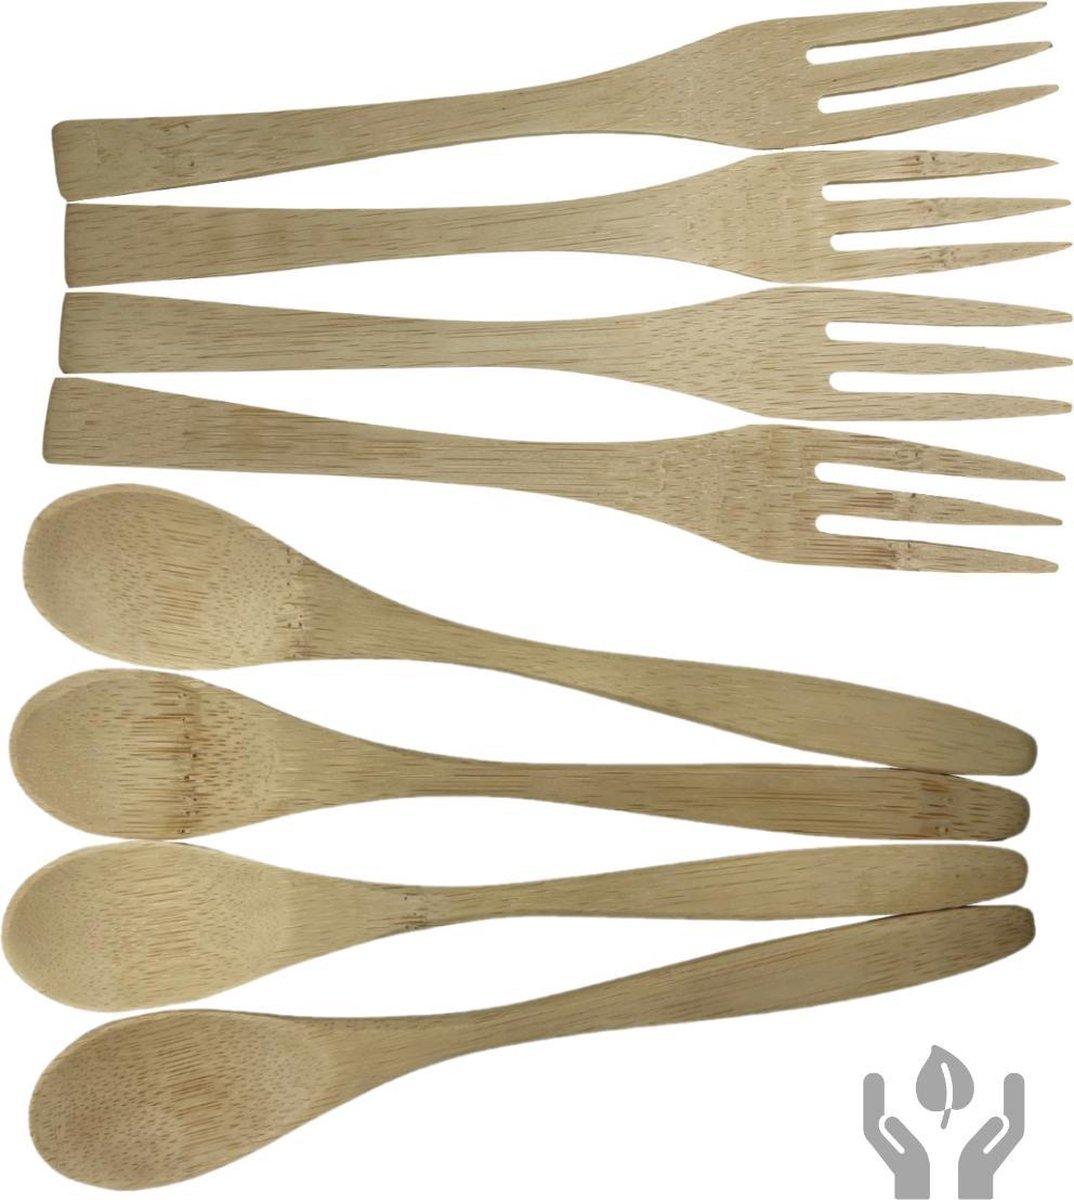 green-goose® Bamboe Bestekset | 4 x Lepel en 4 x Vork | 15 cm | 8 Stuks Bestek | Herbruikbaar Bestek